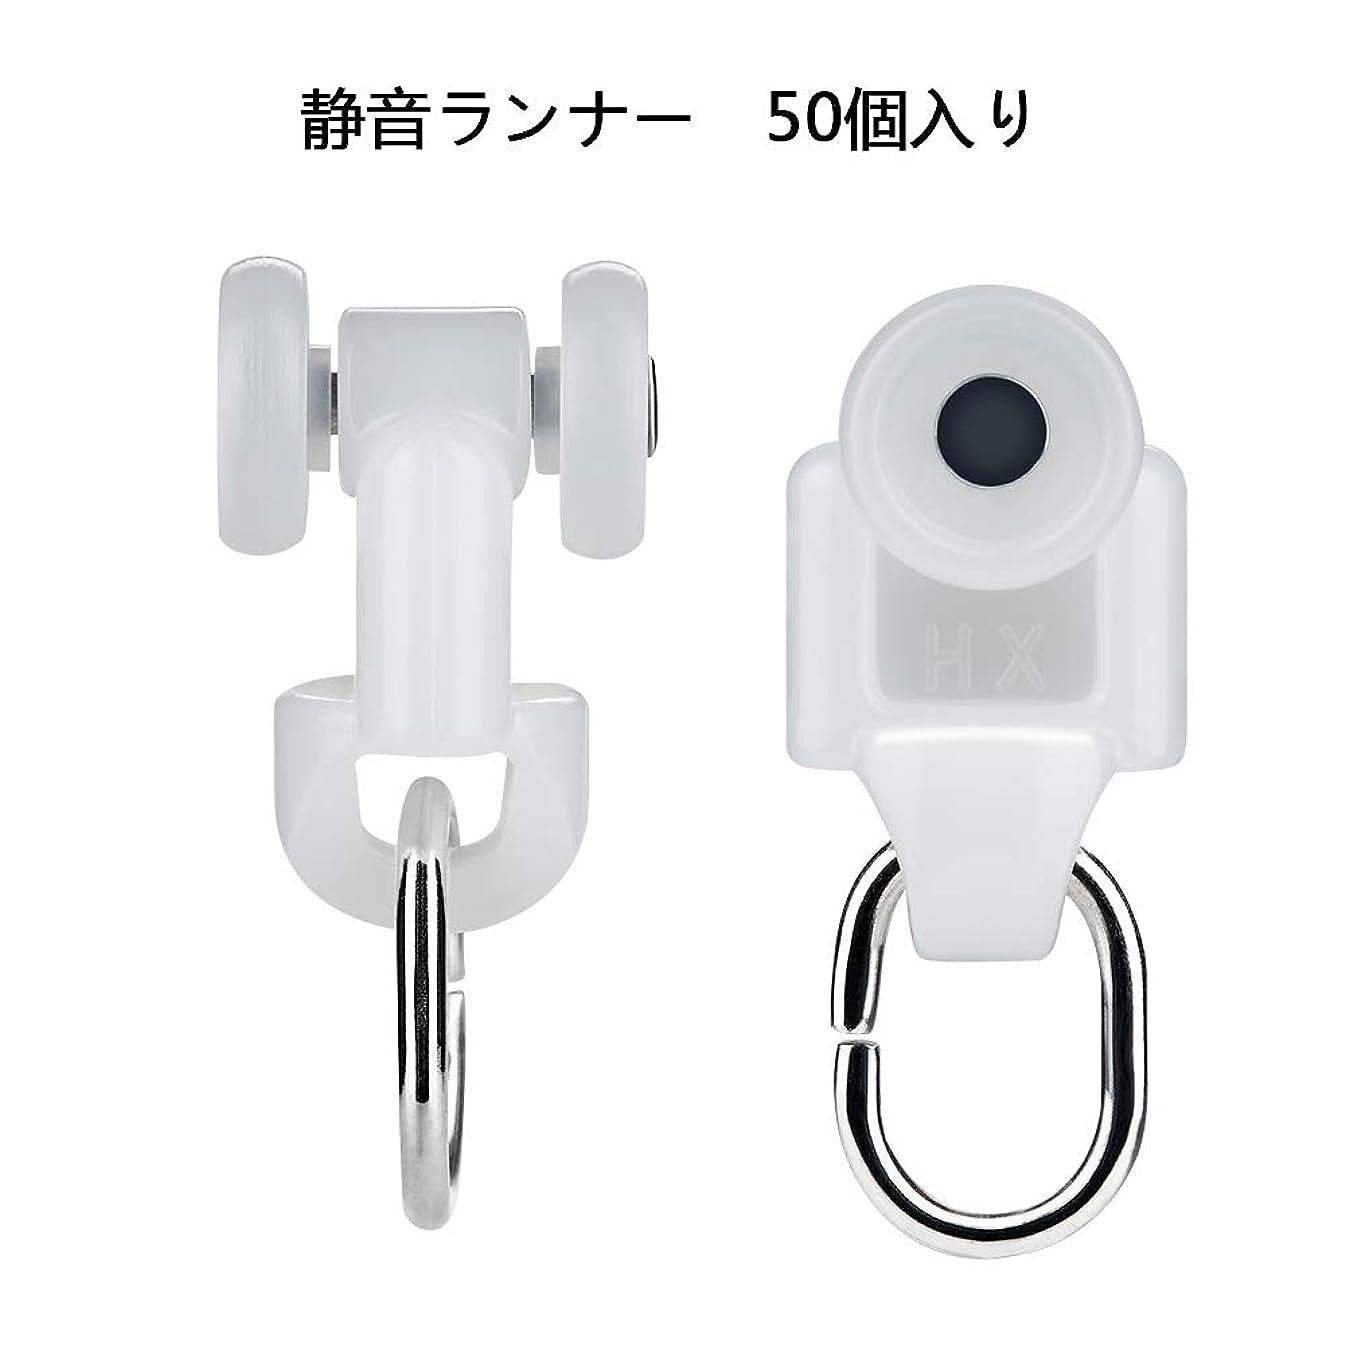 かすれた知覚的白菜カーテンランナー 50個入り 樹脂製 静音 中量系 角型とC型対応 溝幅6mm-8mm対応